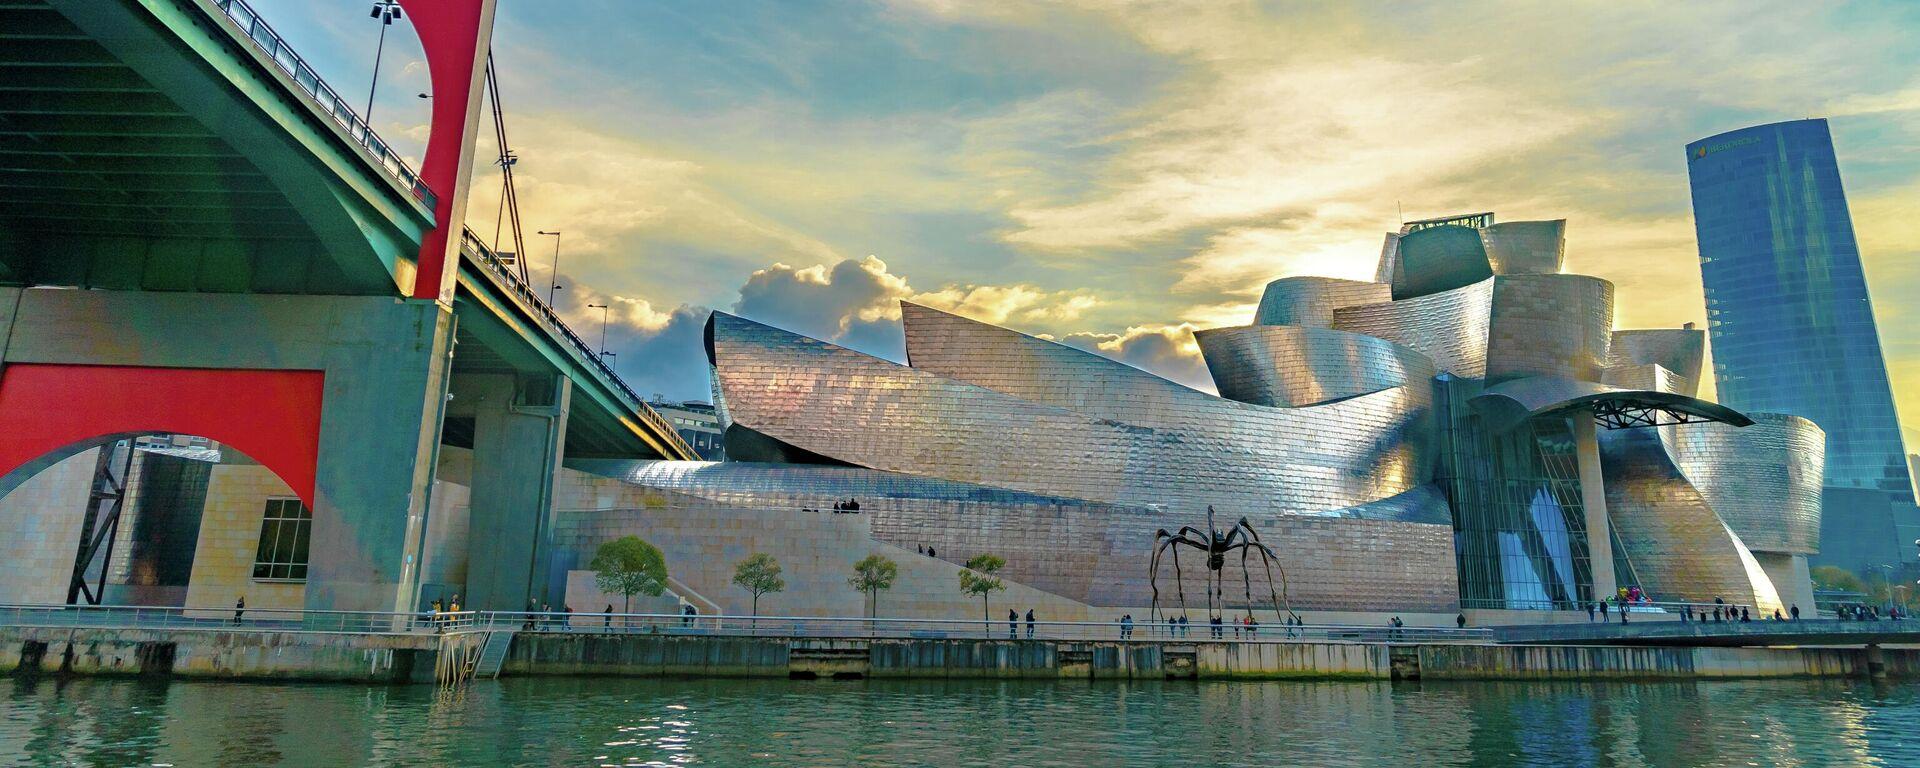 Museo Guggenheim en Bilbao visto desde el río - Sputnik Mundo, 1920, 12.05.2021